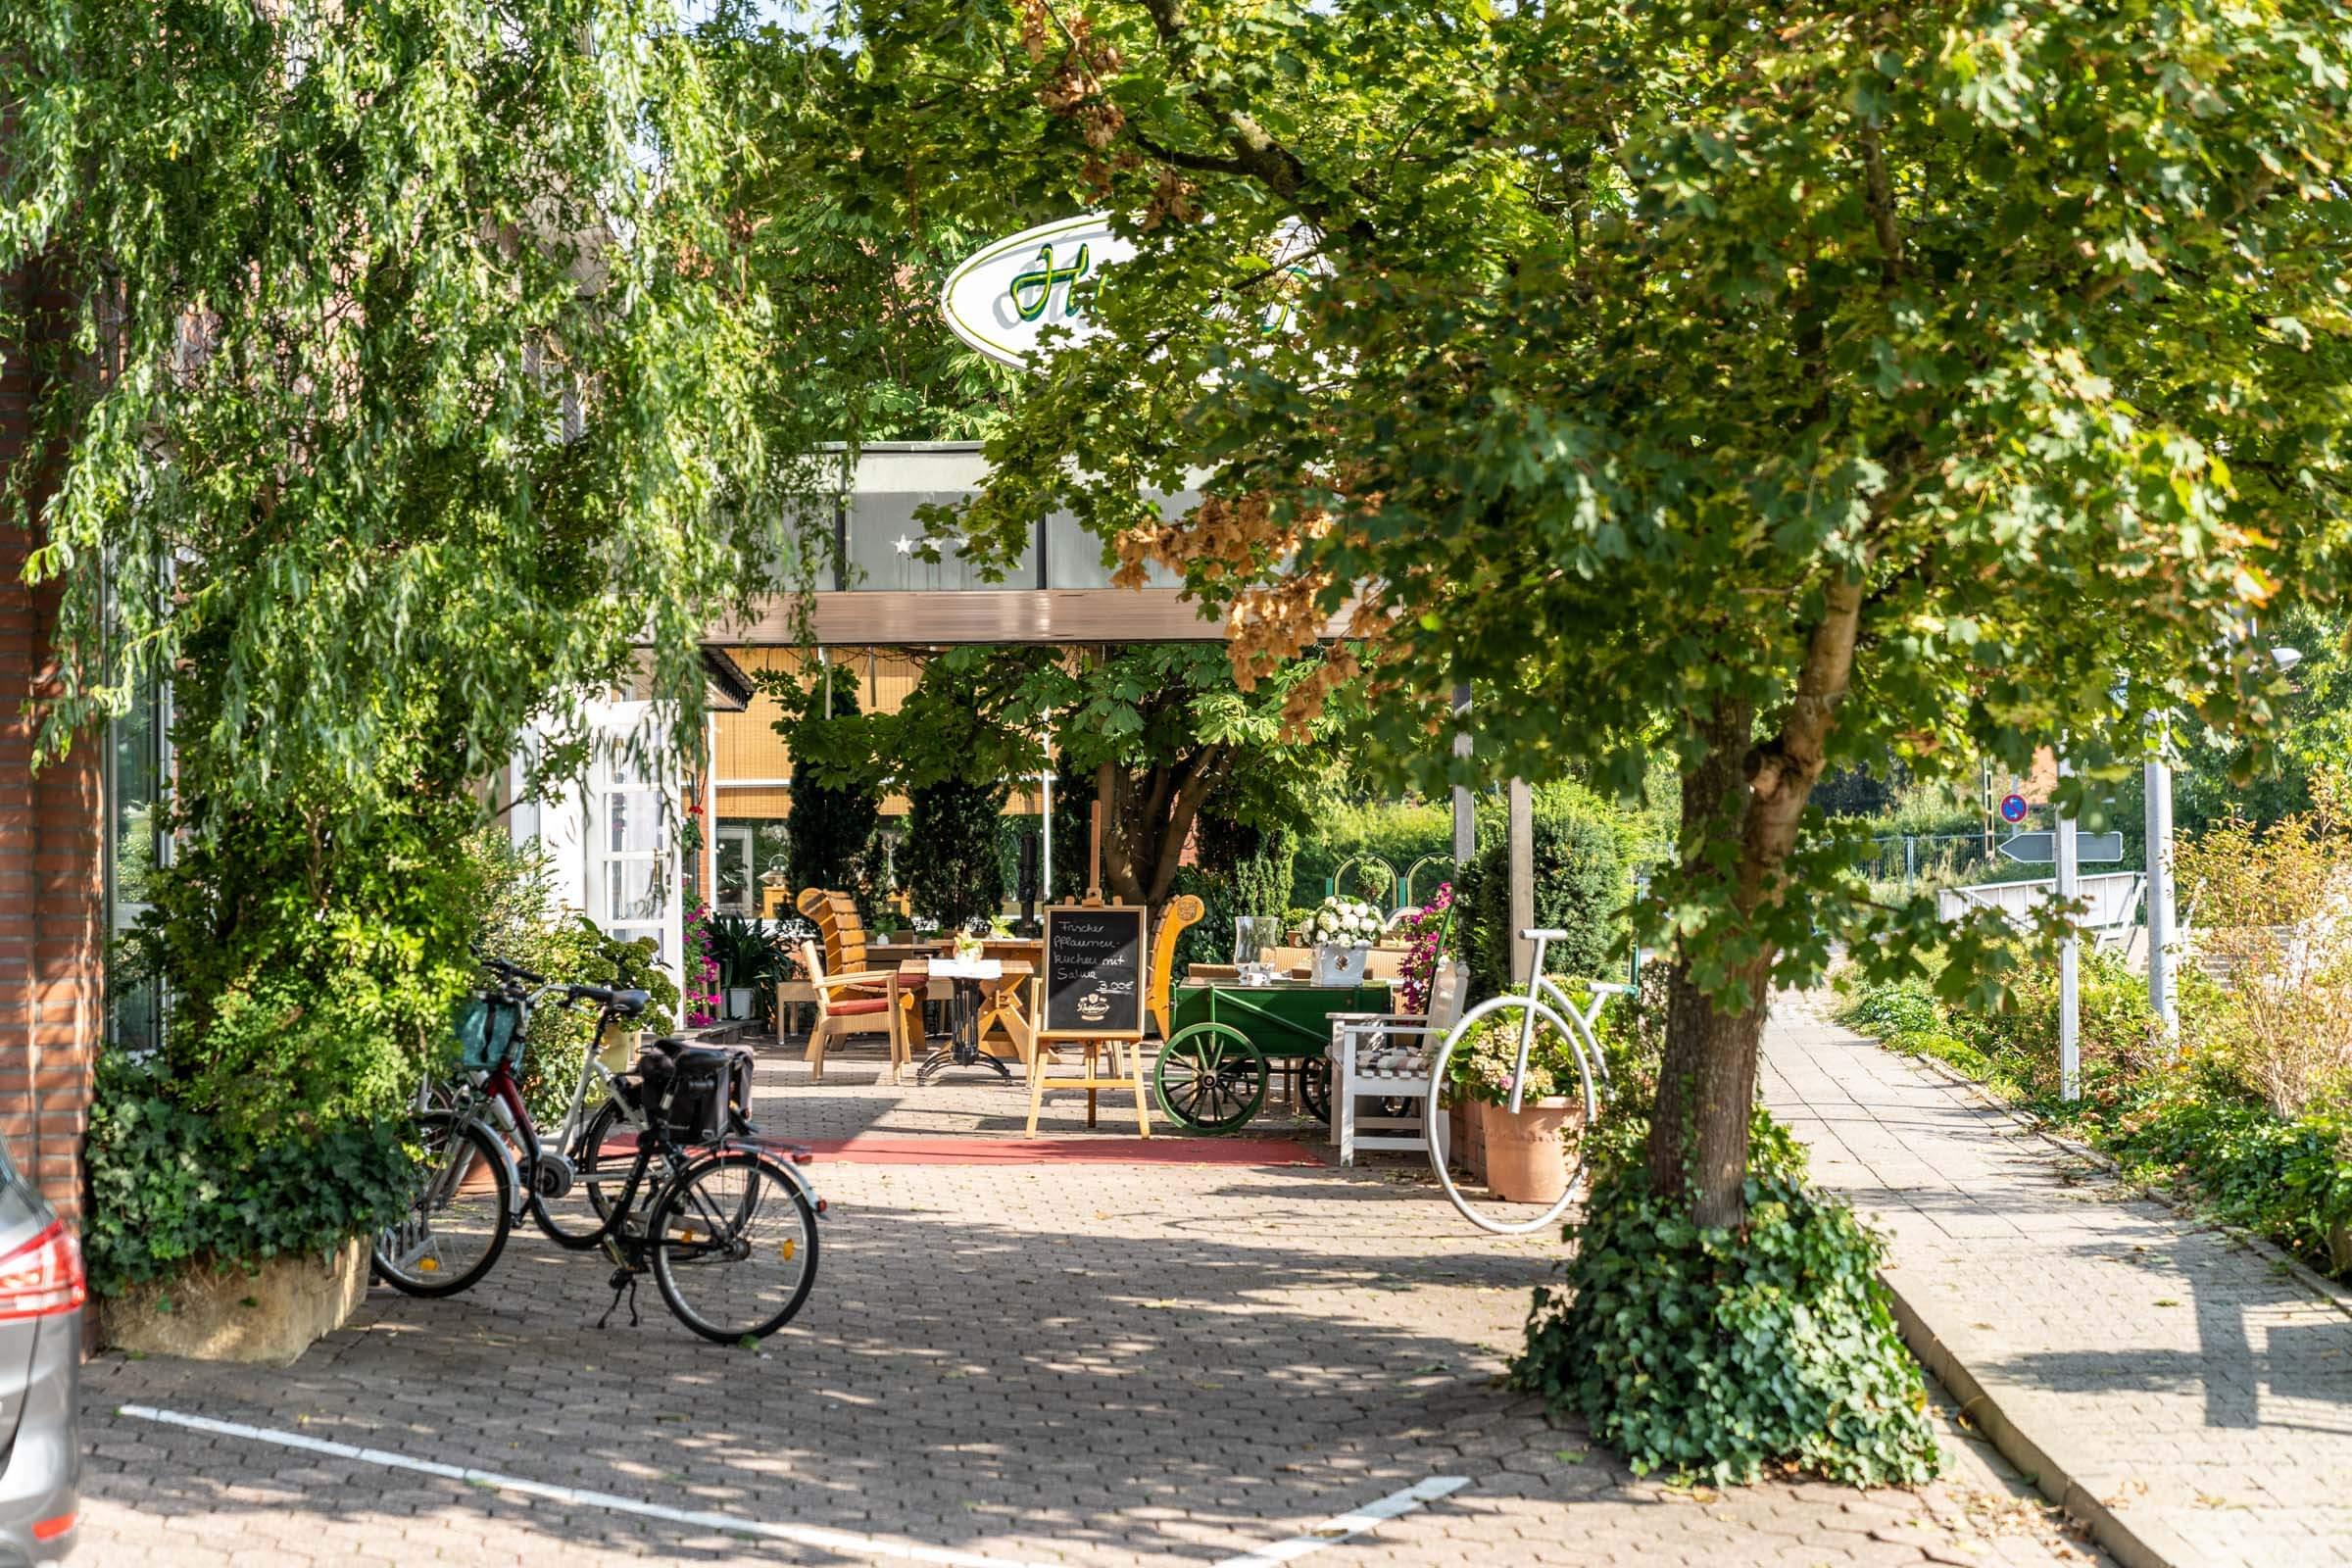 Hotel Pöker in Meppen